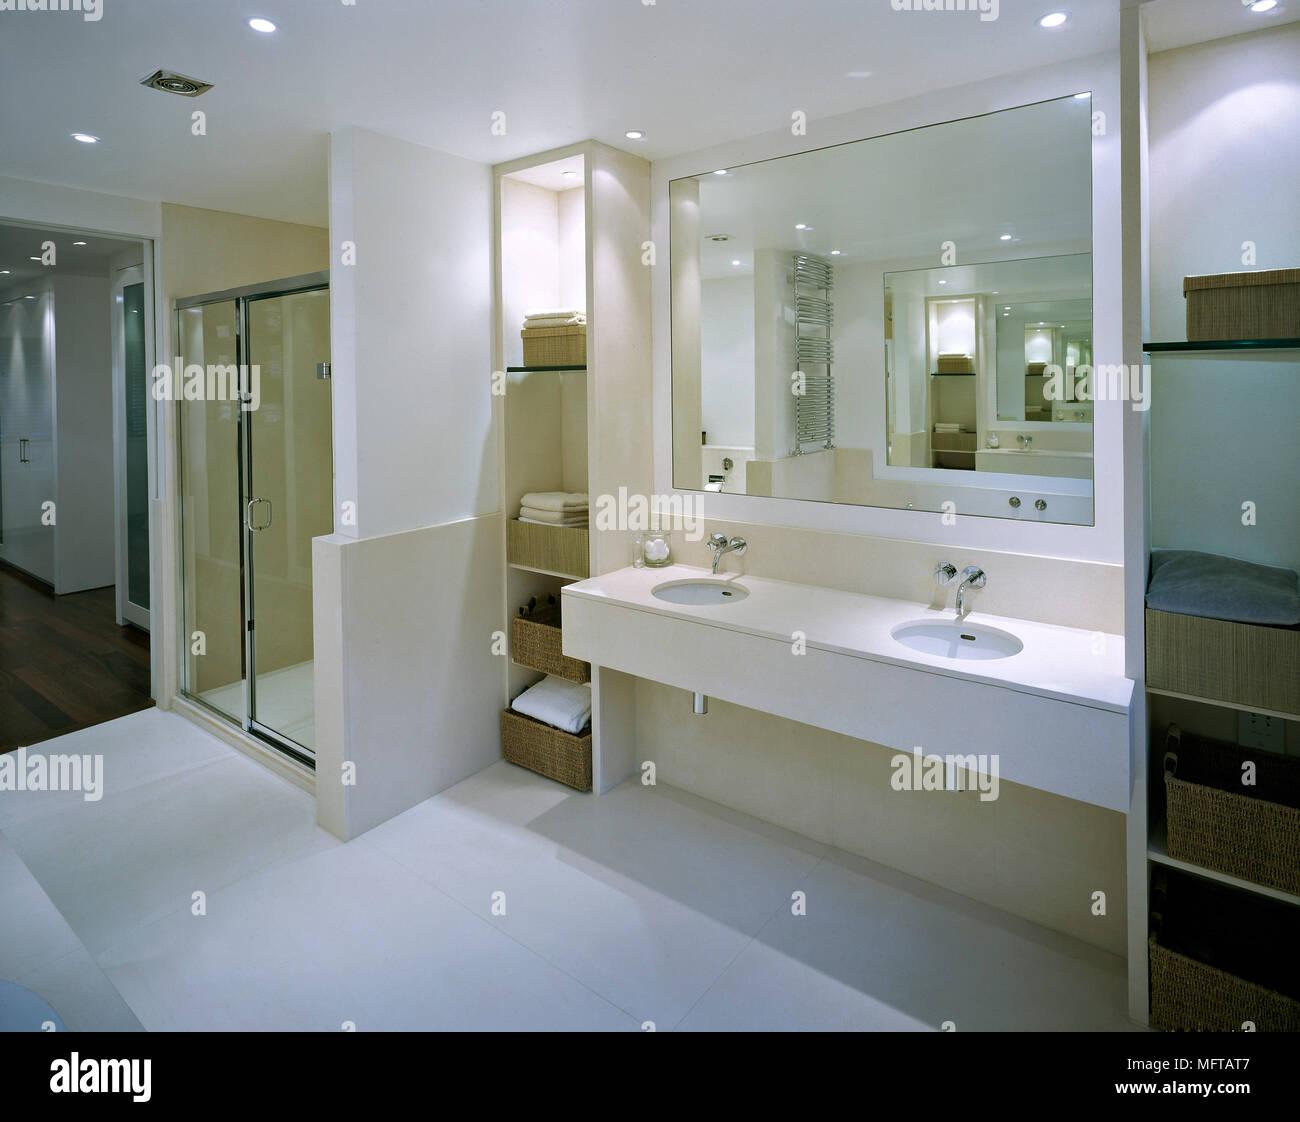 Badezimmer Mit Zwei Waschbecken In Stein Zahler Speicher